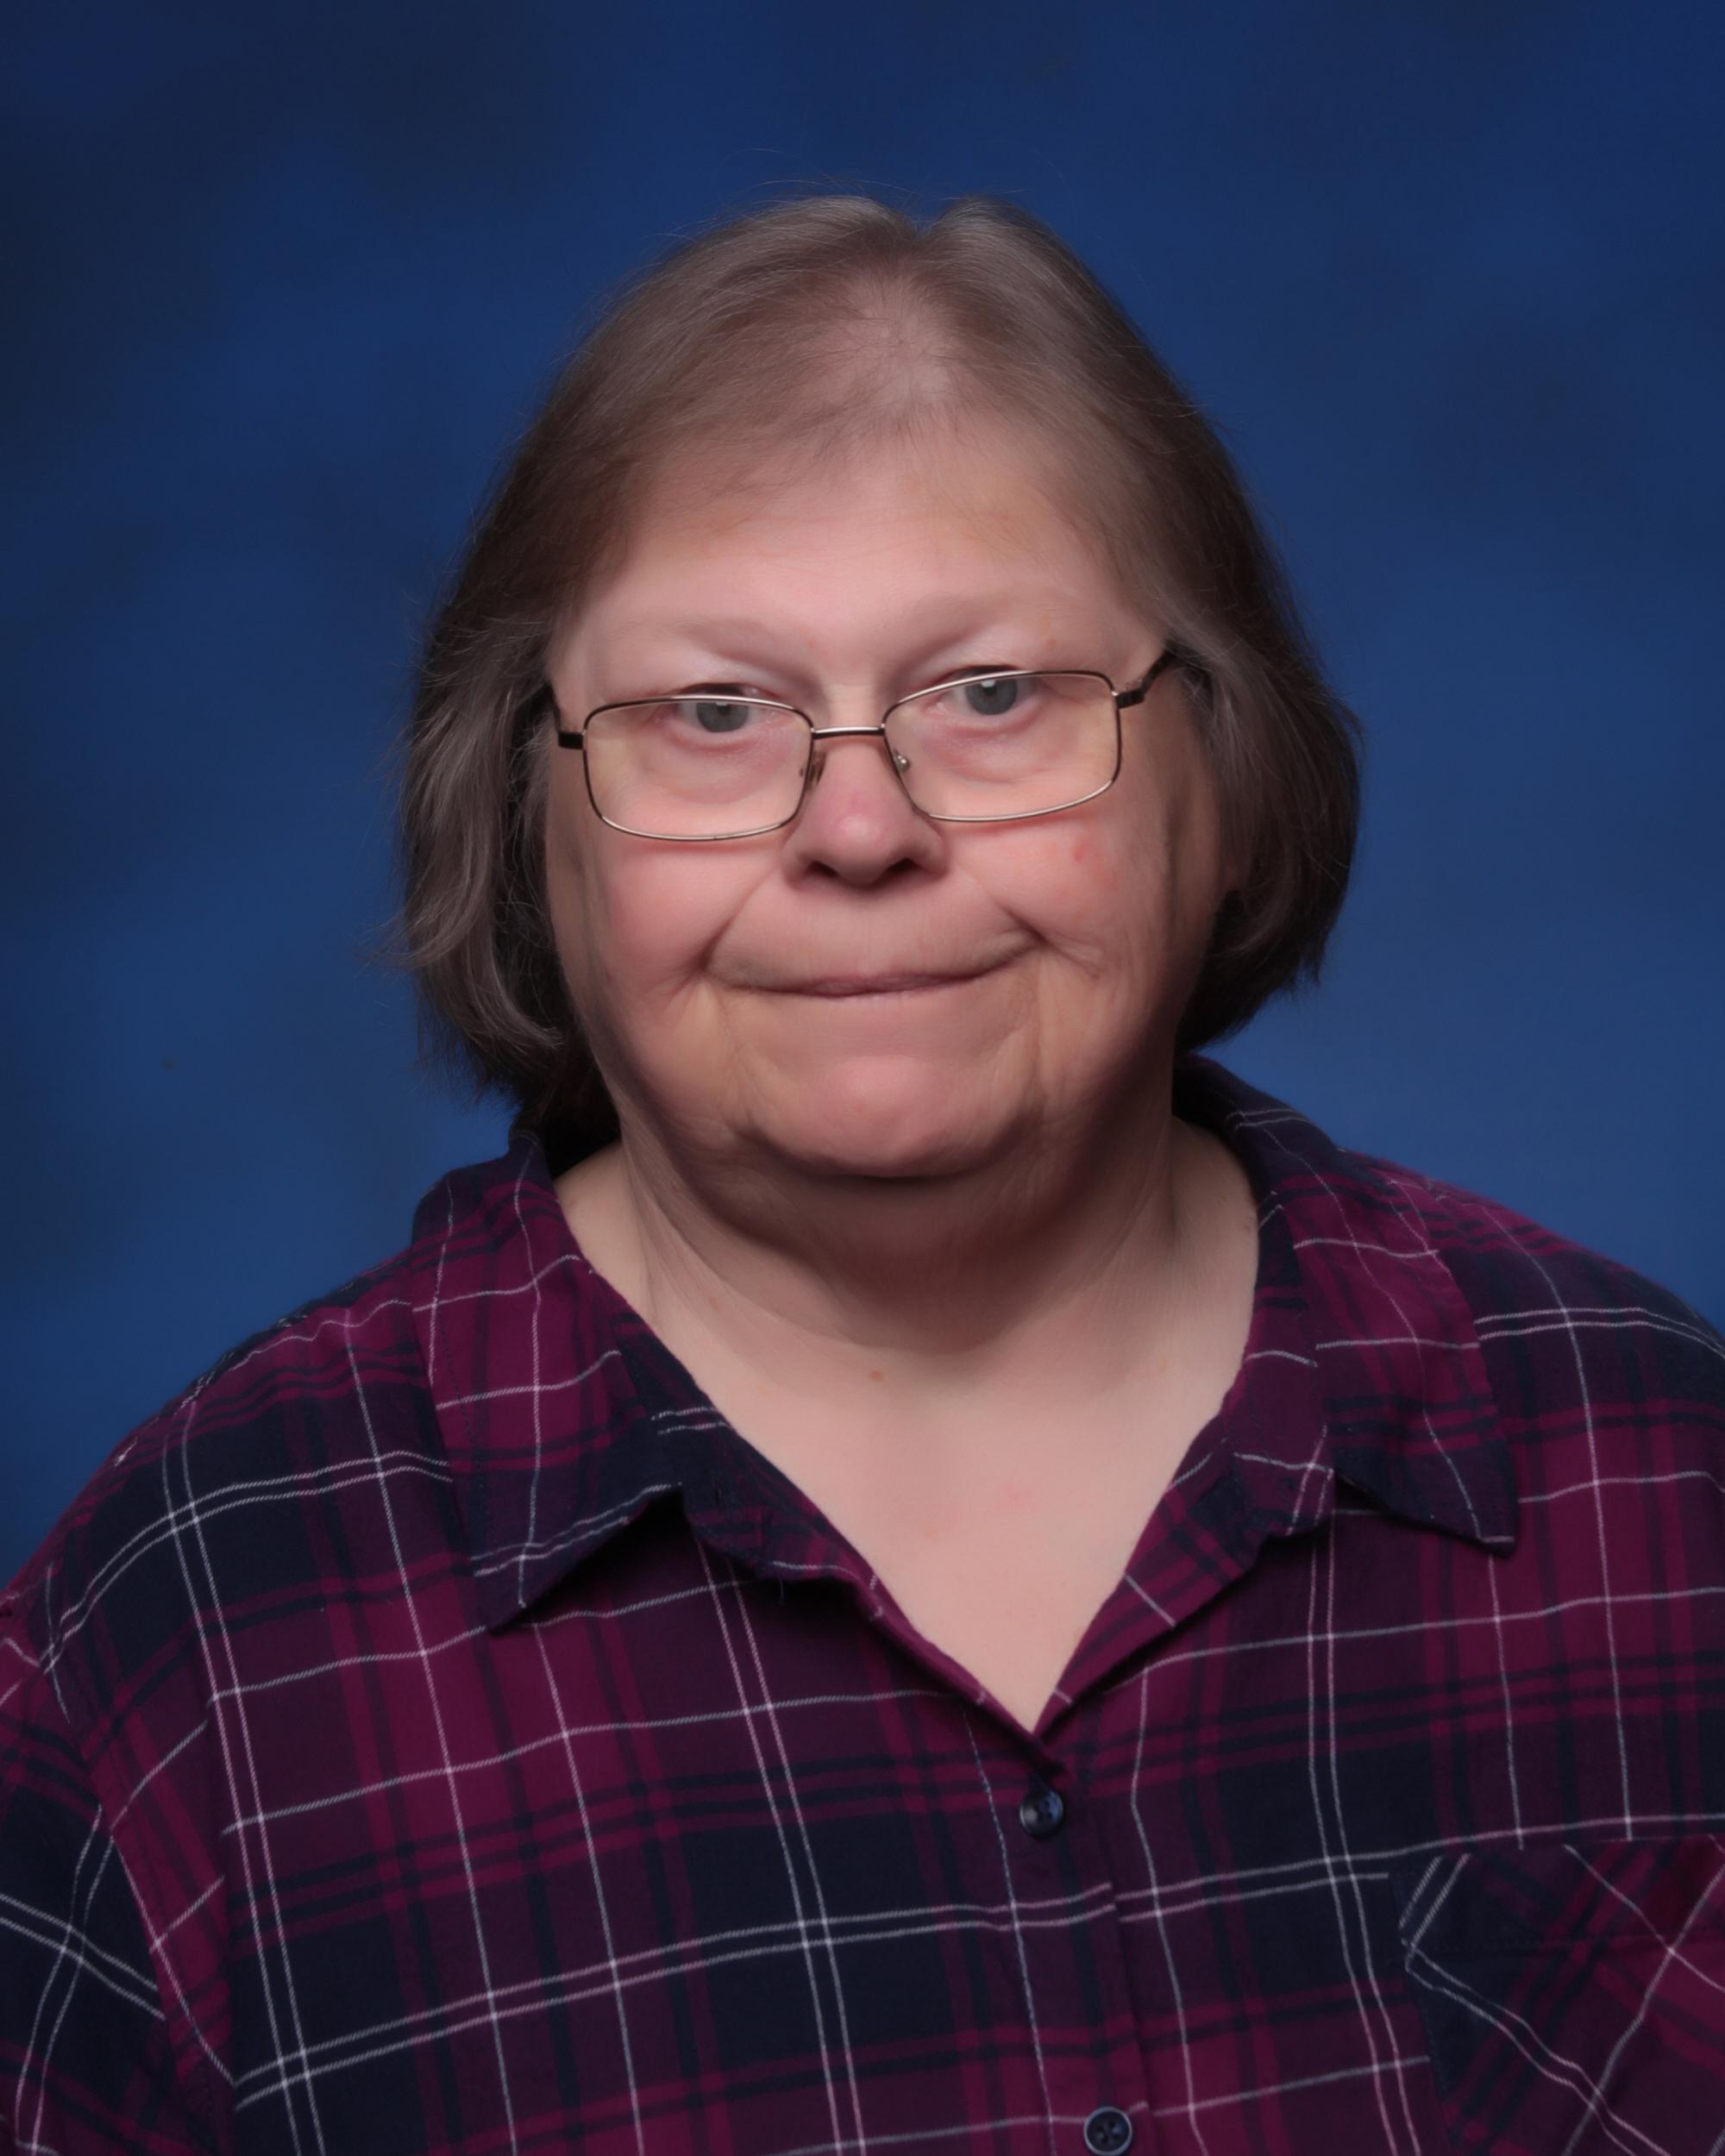 Brenda Paul